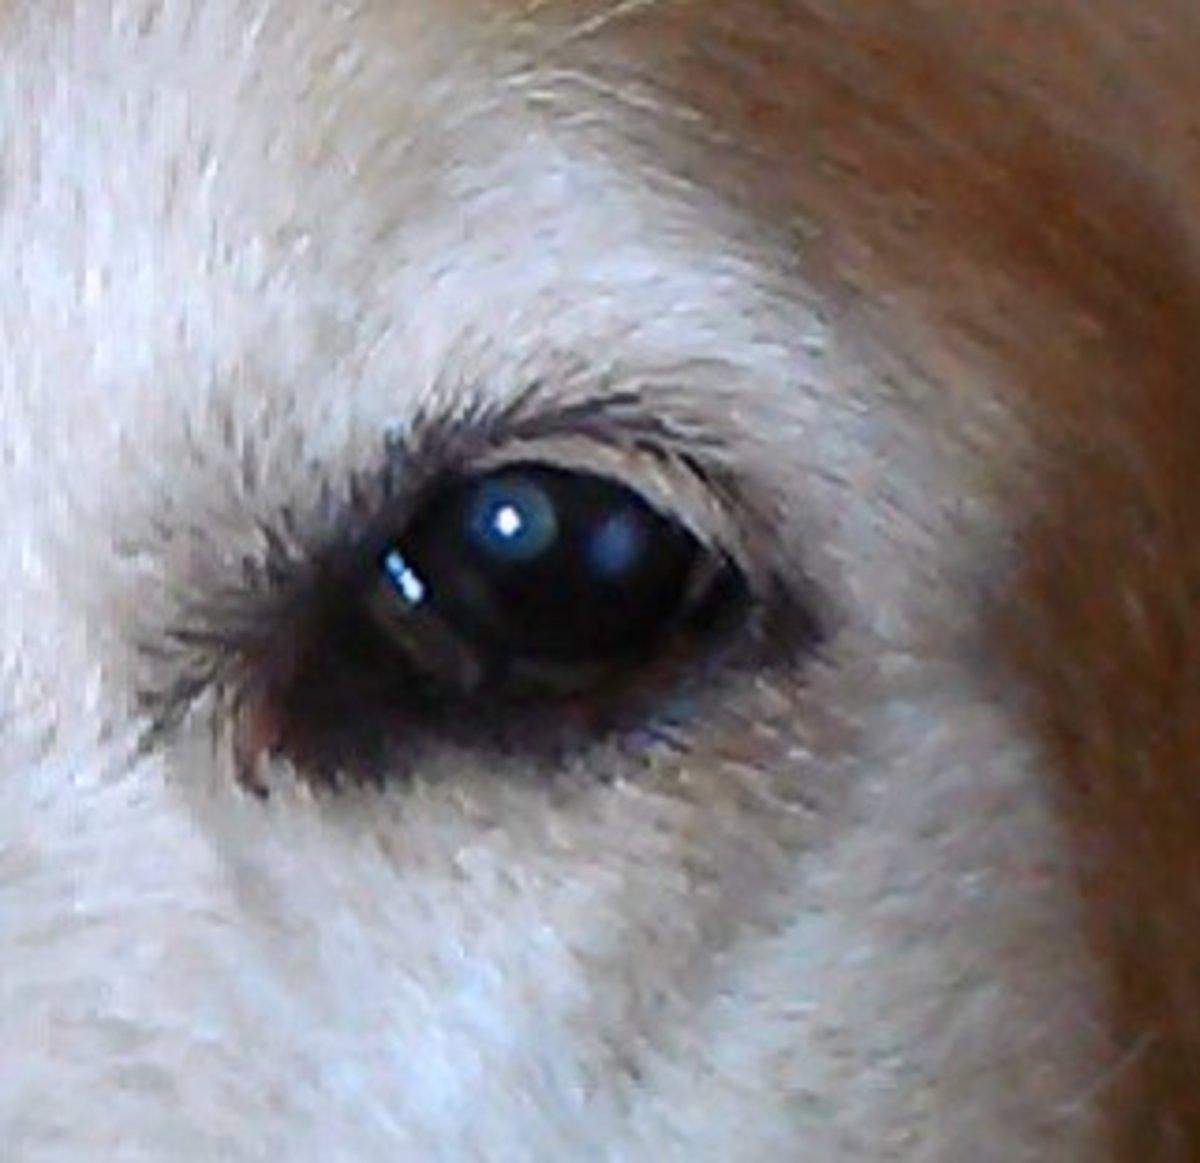 Cholesterol Deposits In Dogs Eyes